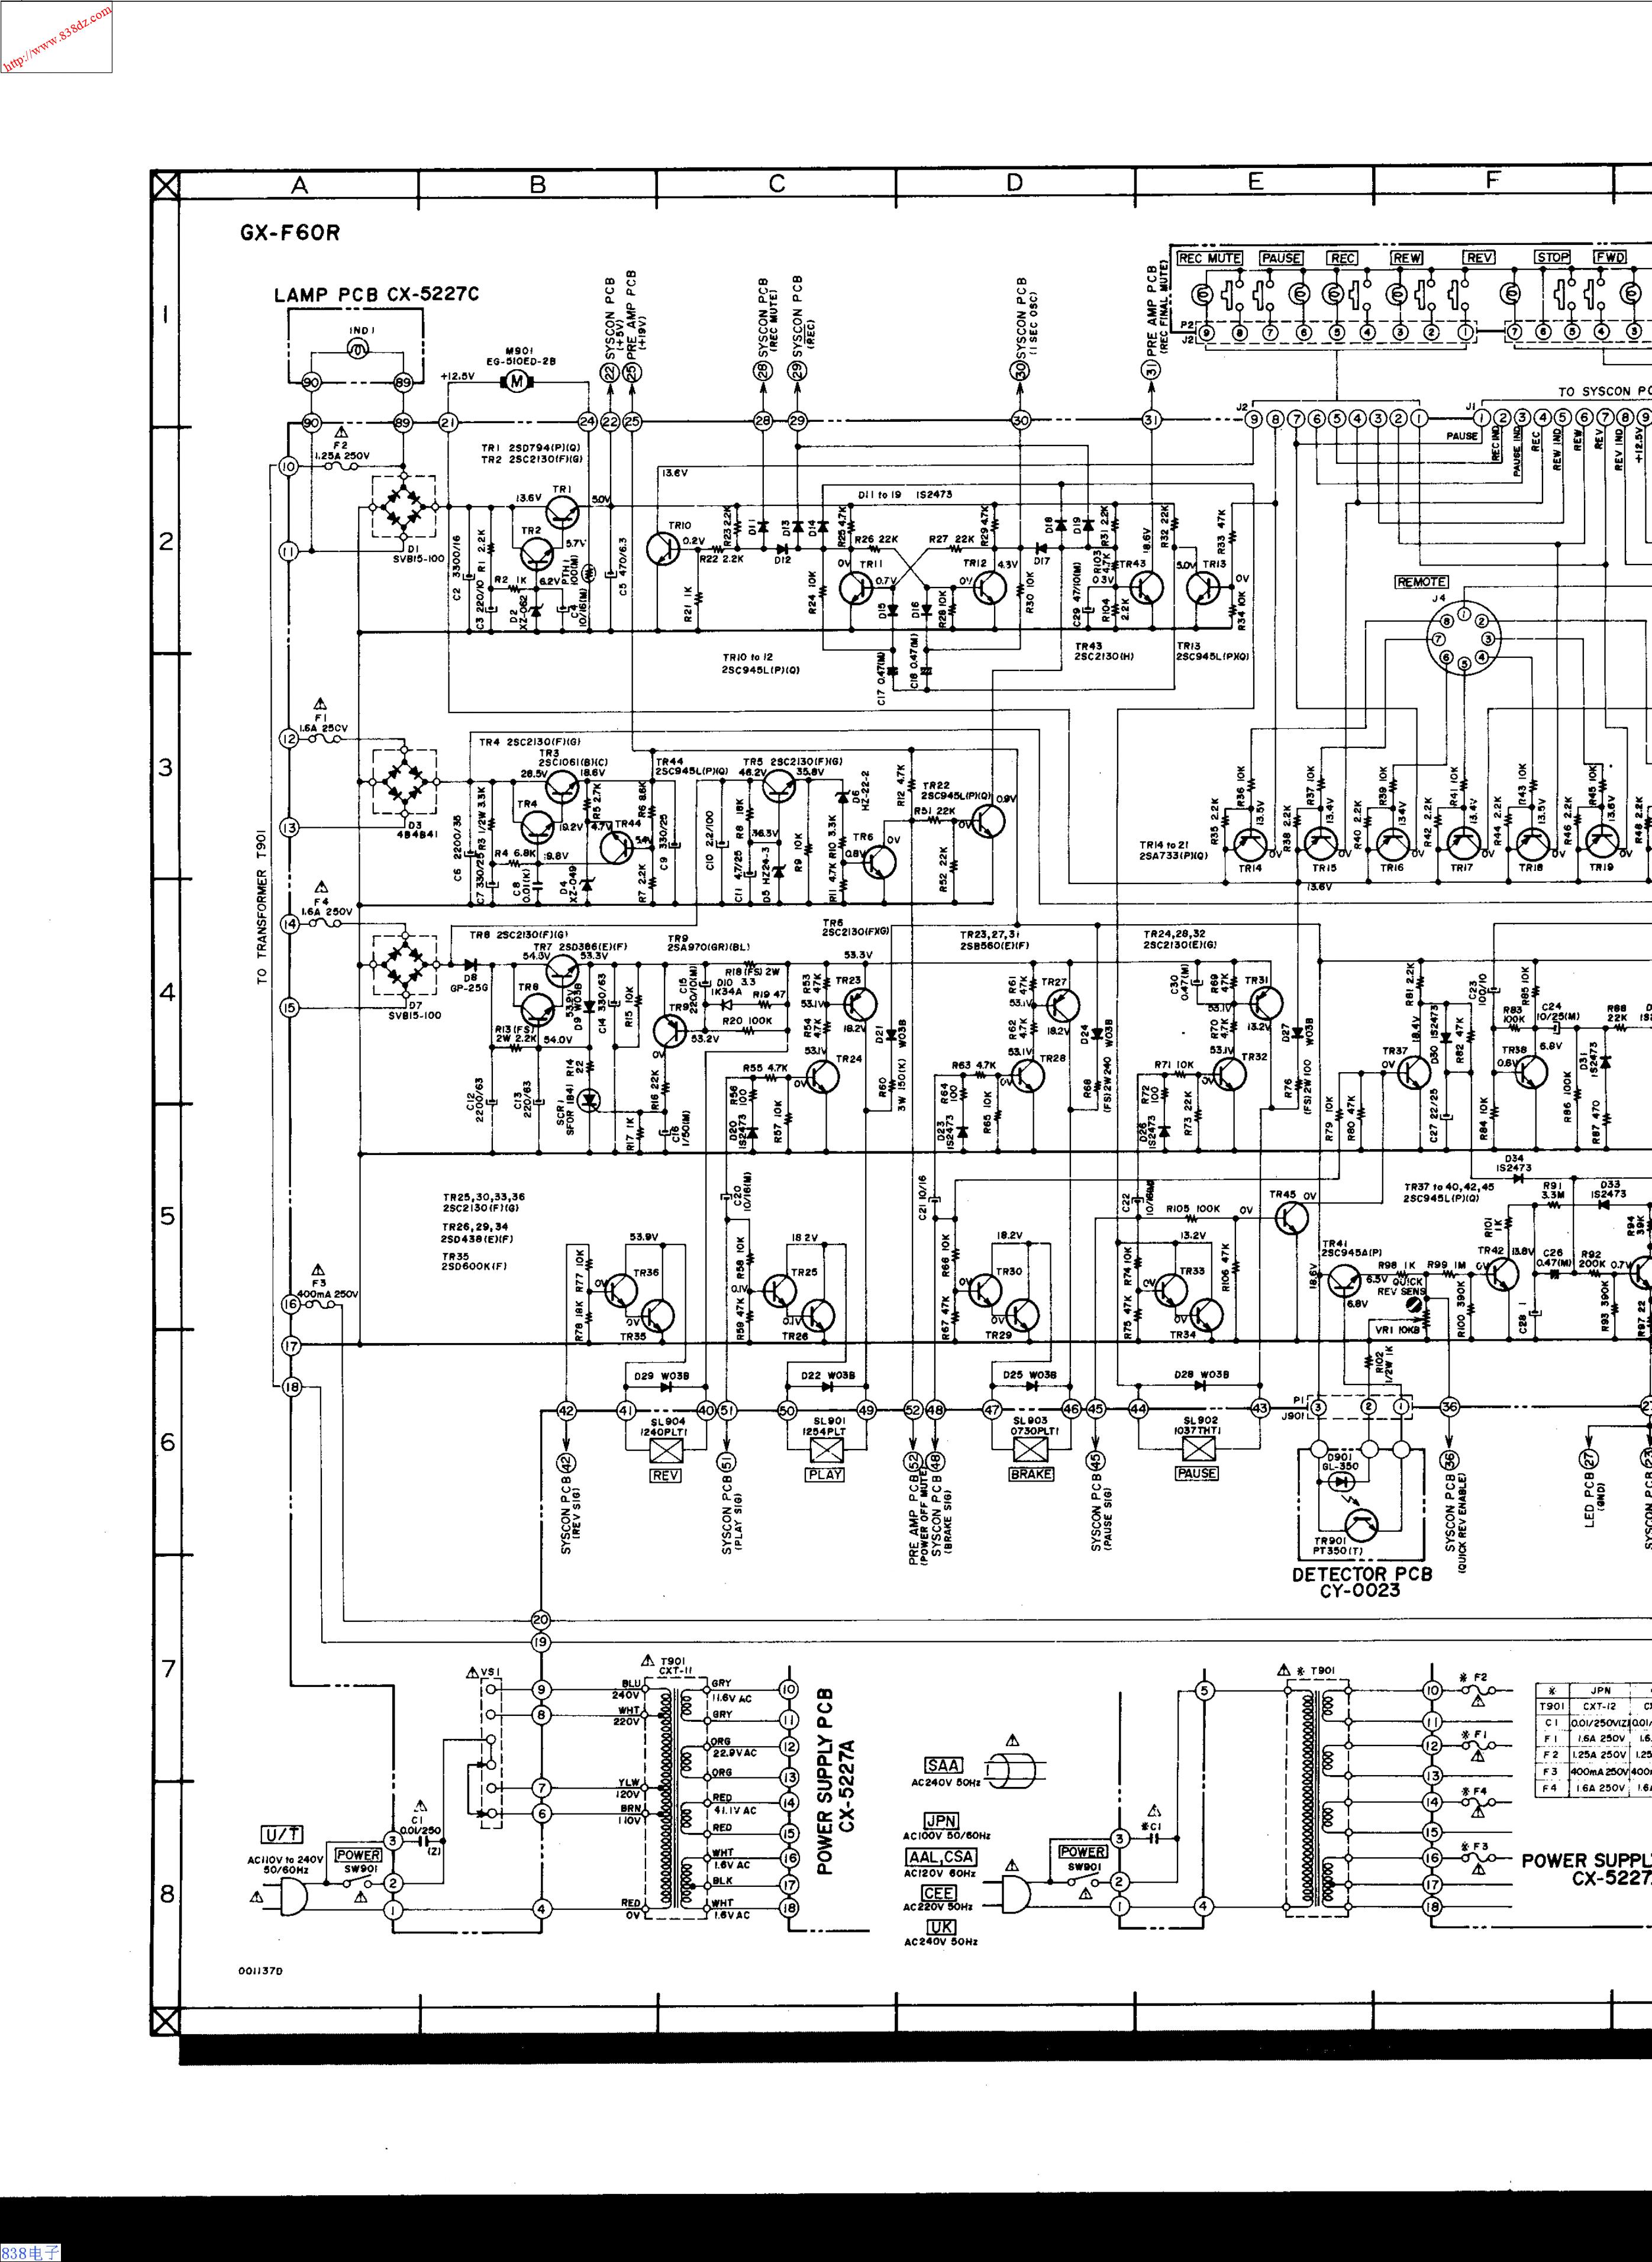 AKAI雅佳 GX-F60R 磁带卡座维修手册